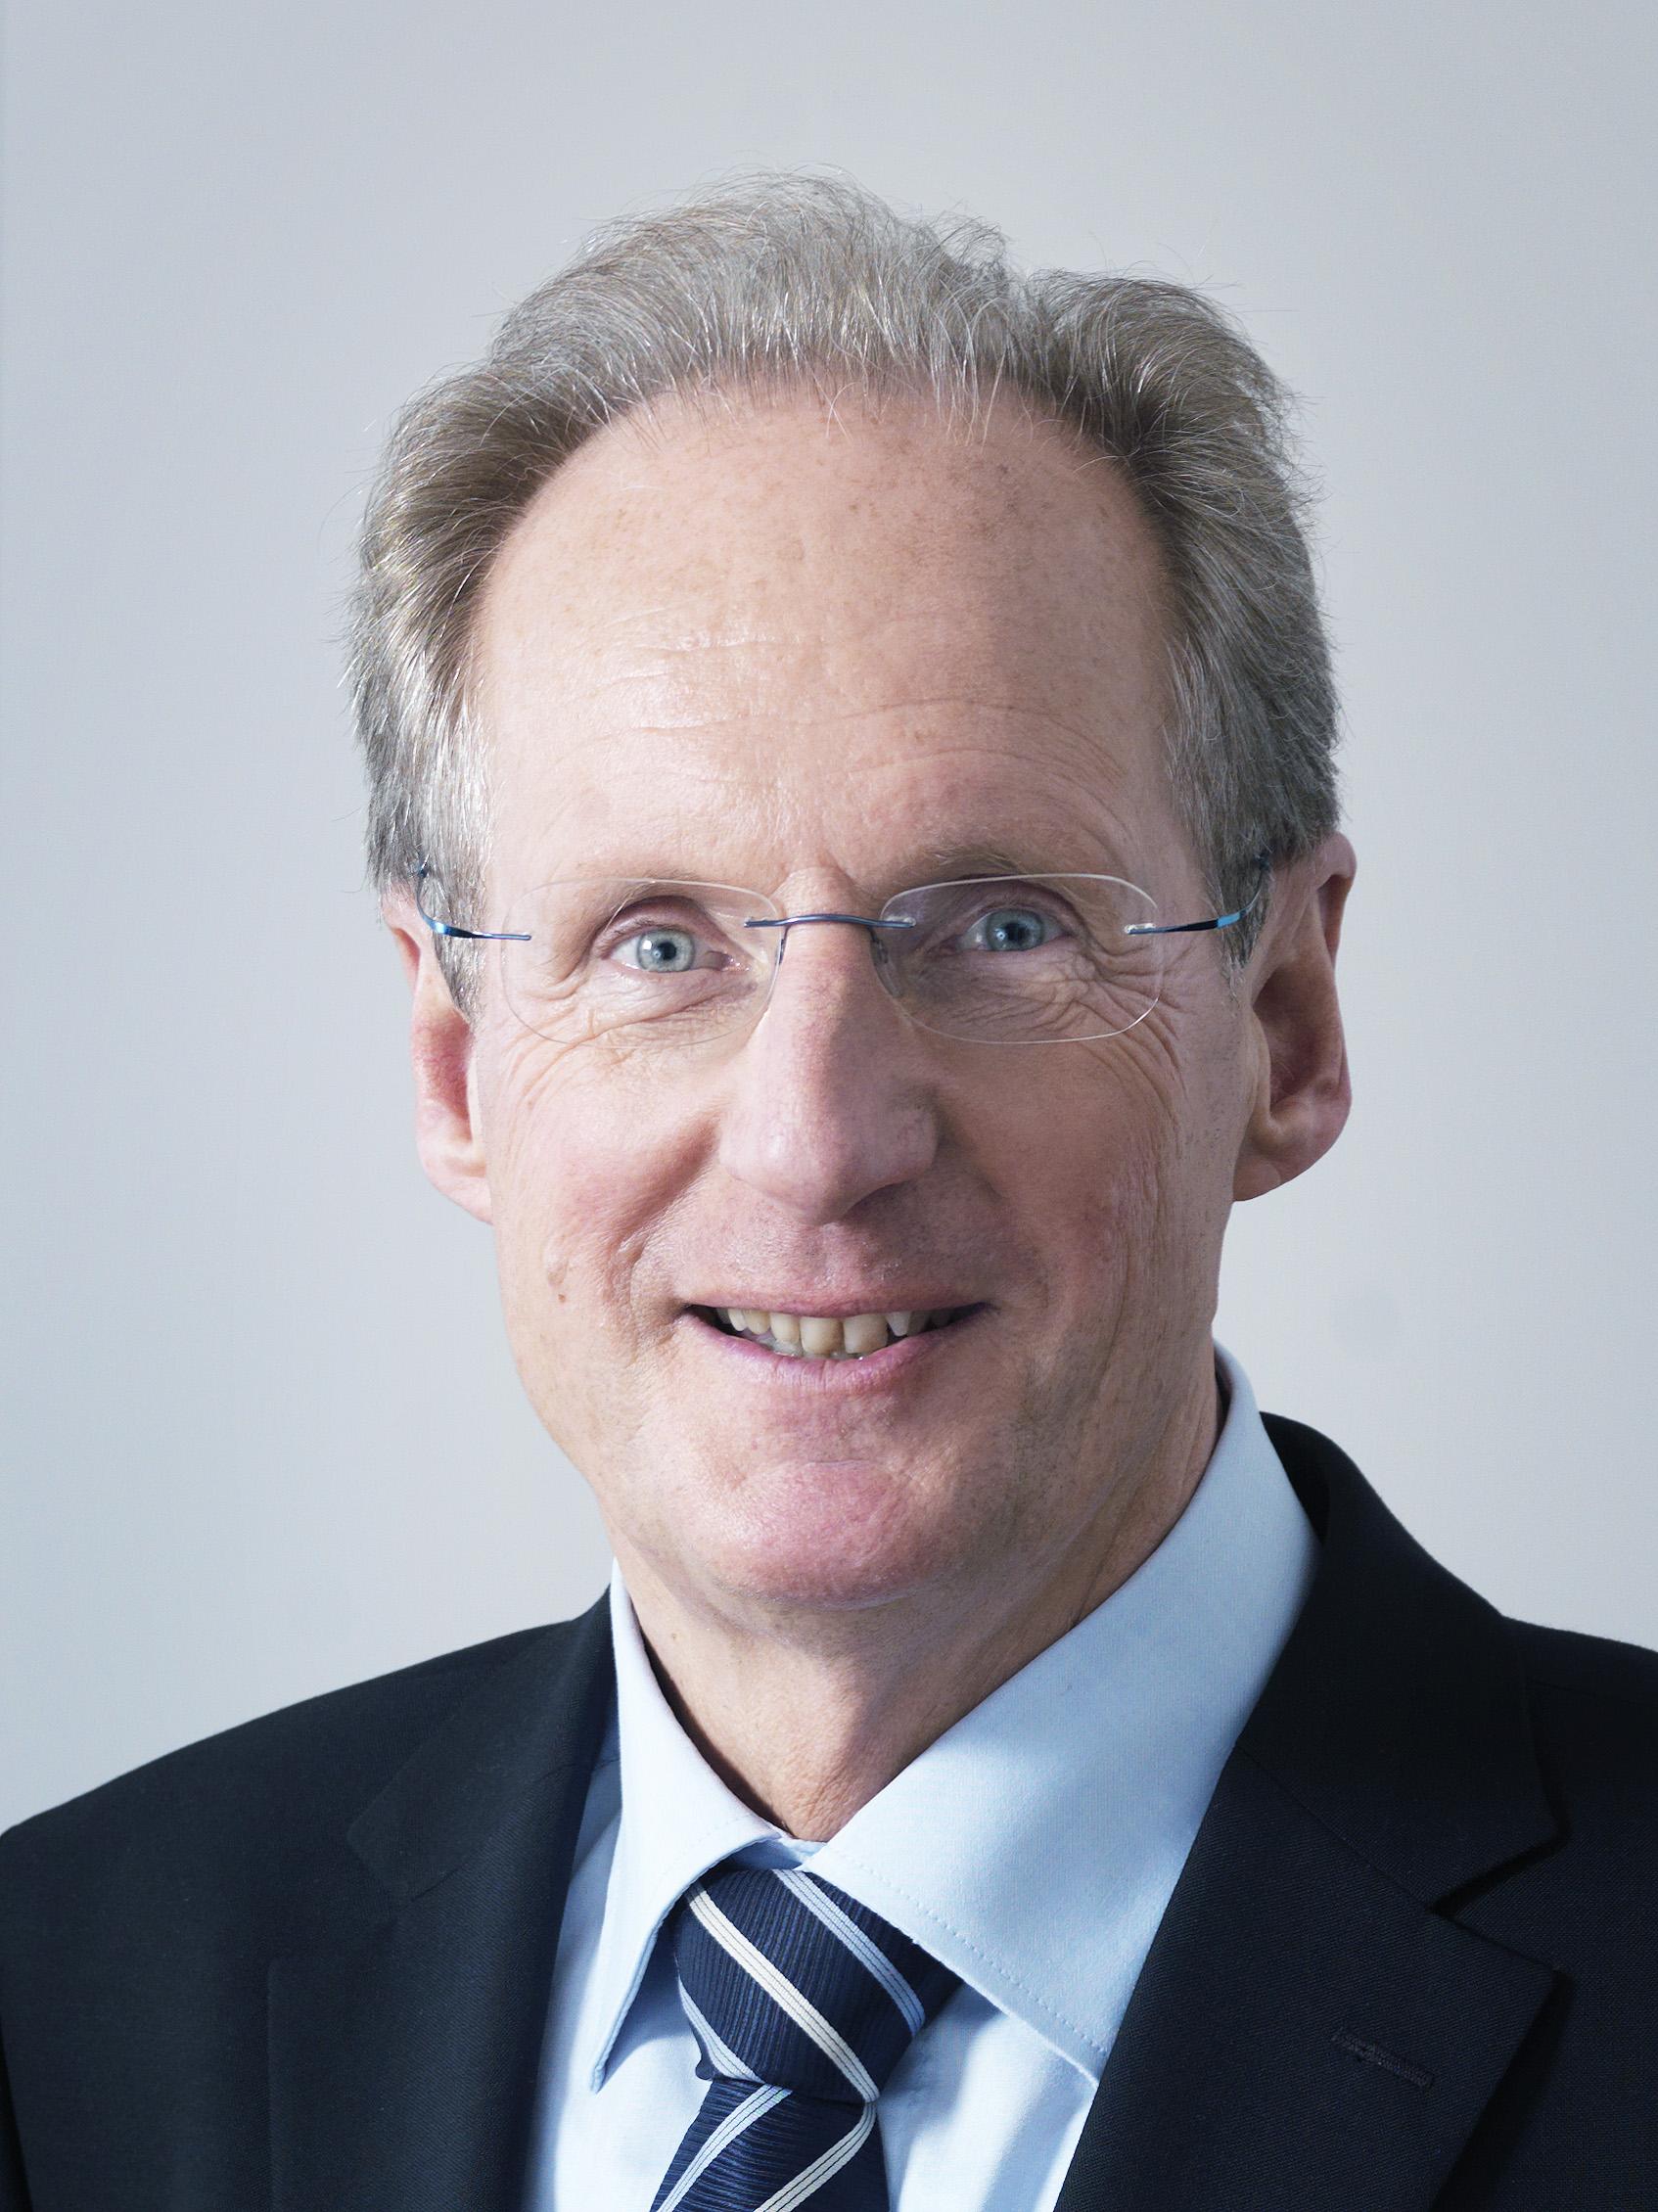 Kücheninsel Olaf Schuster ~  trojaner und volksverräter (mt) u2013 das gelbe forum